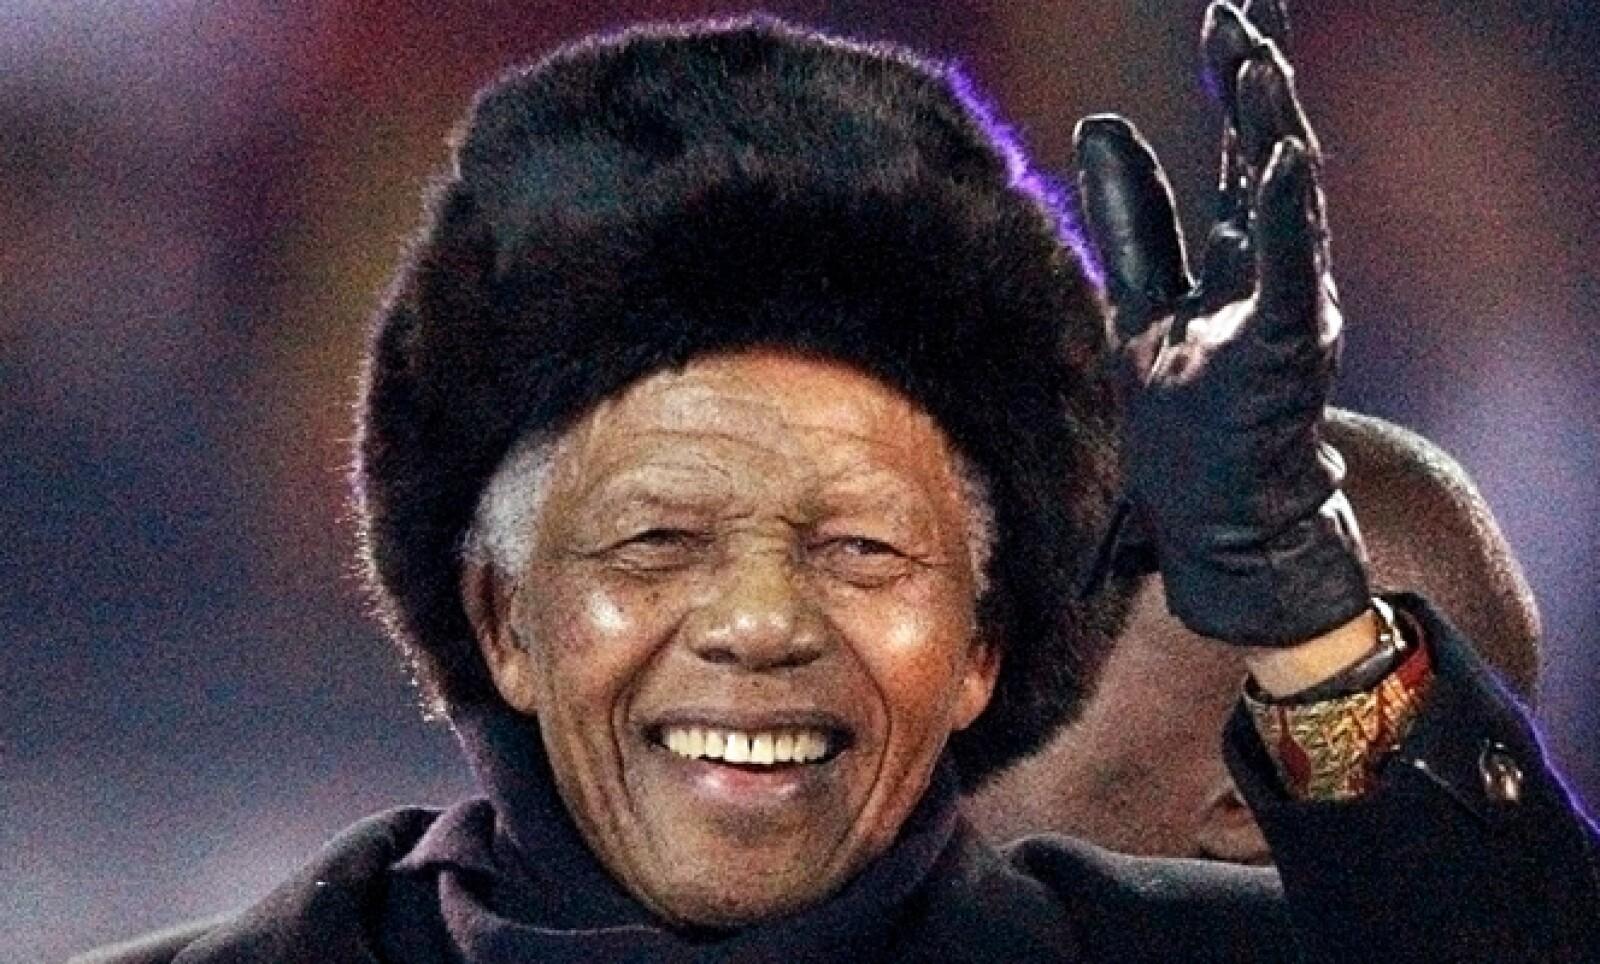 La epopeya por la libertad del expresidente sudafricano ha inspirado a millones de personas en todo el mundo y dejará para la posteridad numerosos libros, películas, canciones y obras de arte.